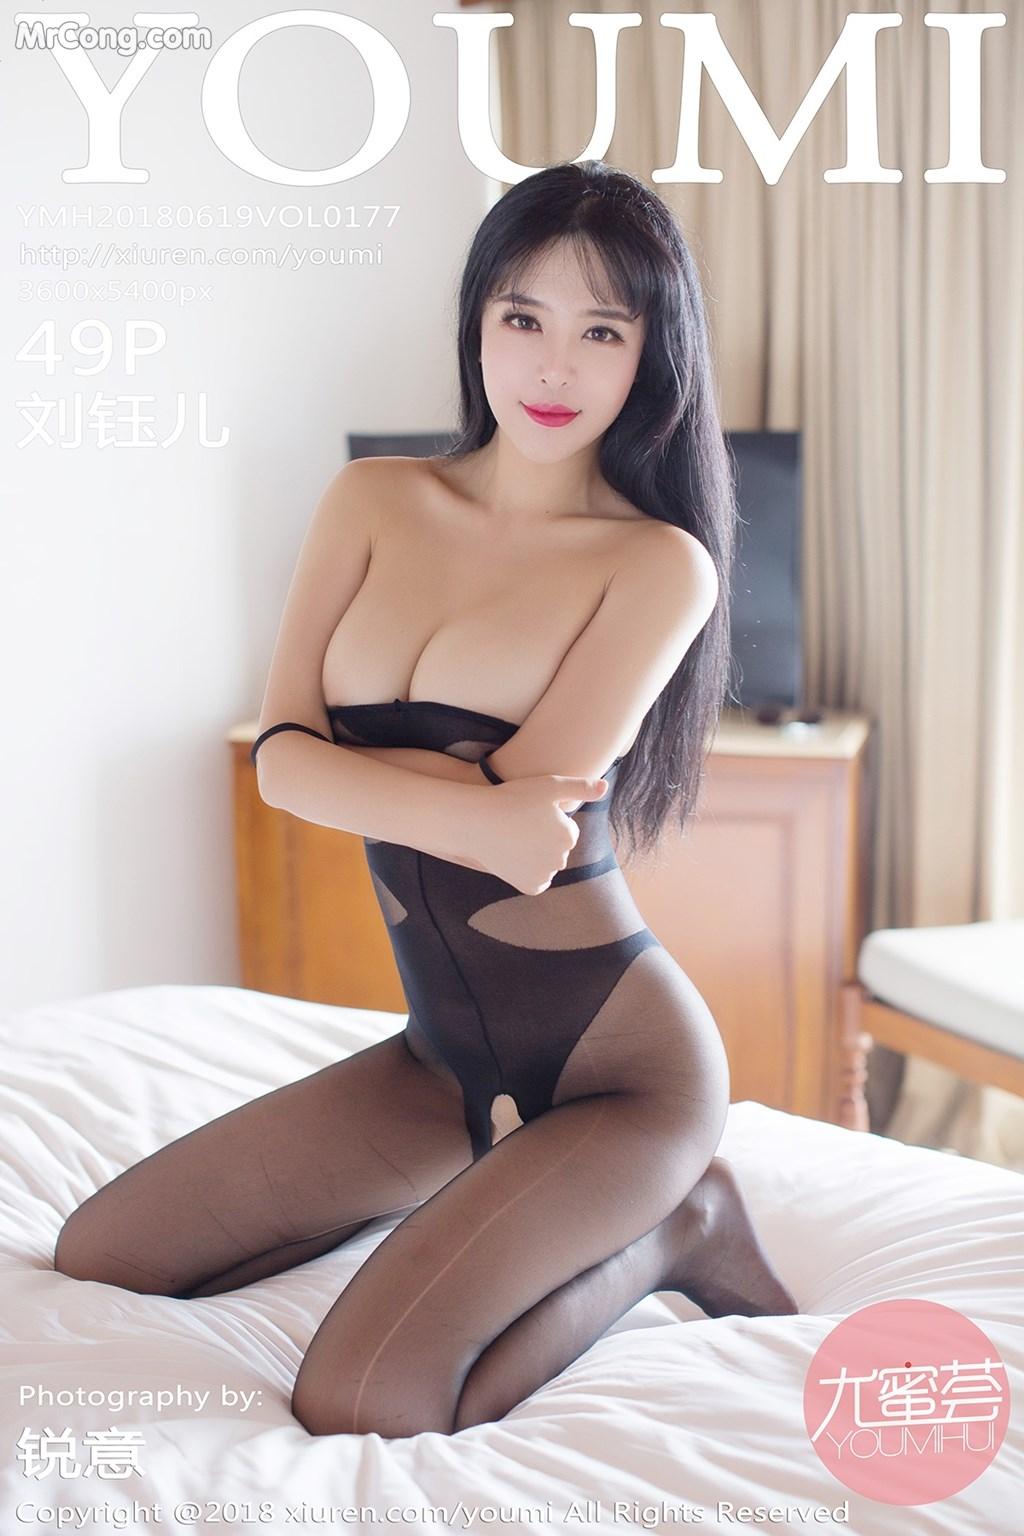 YouMi Vol.177: Người mẫu Liu Yu Er (刘钰儿) (50 ảnh)